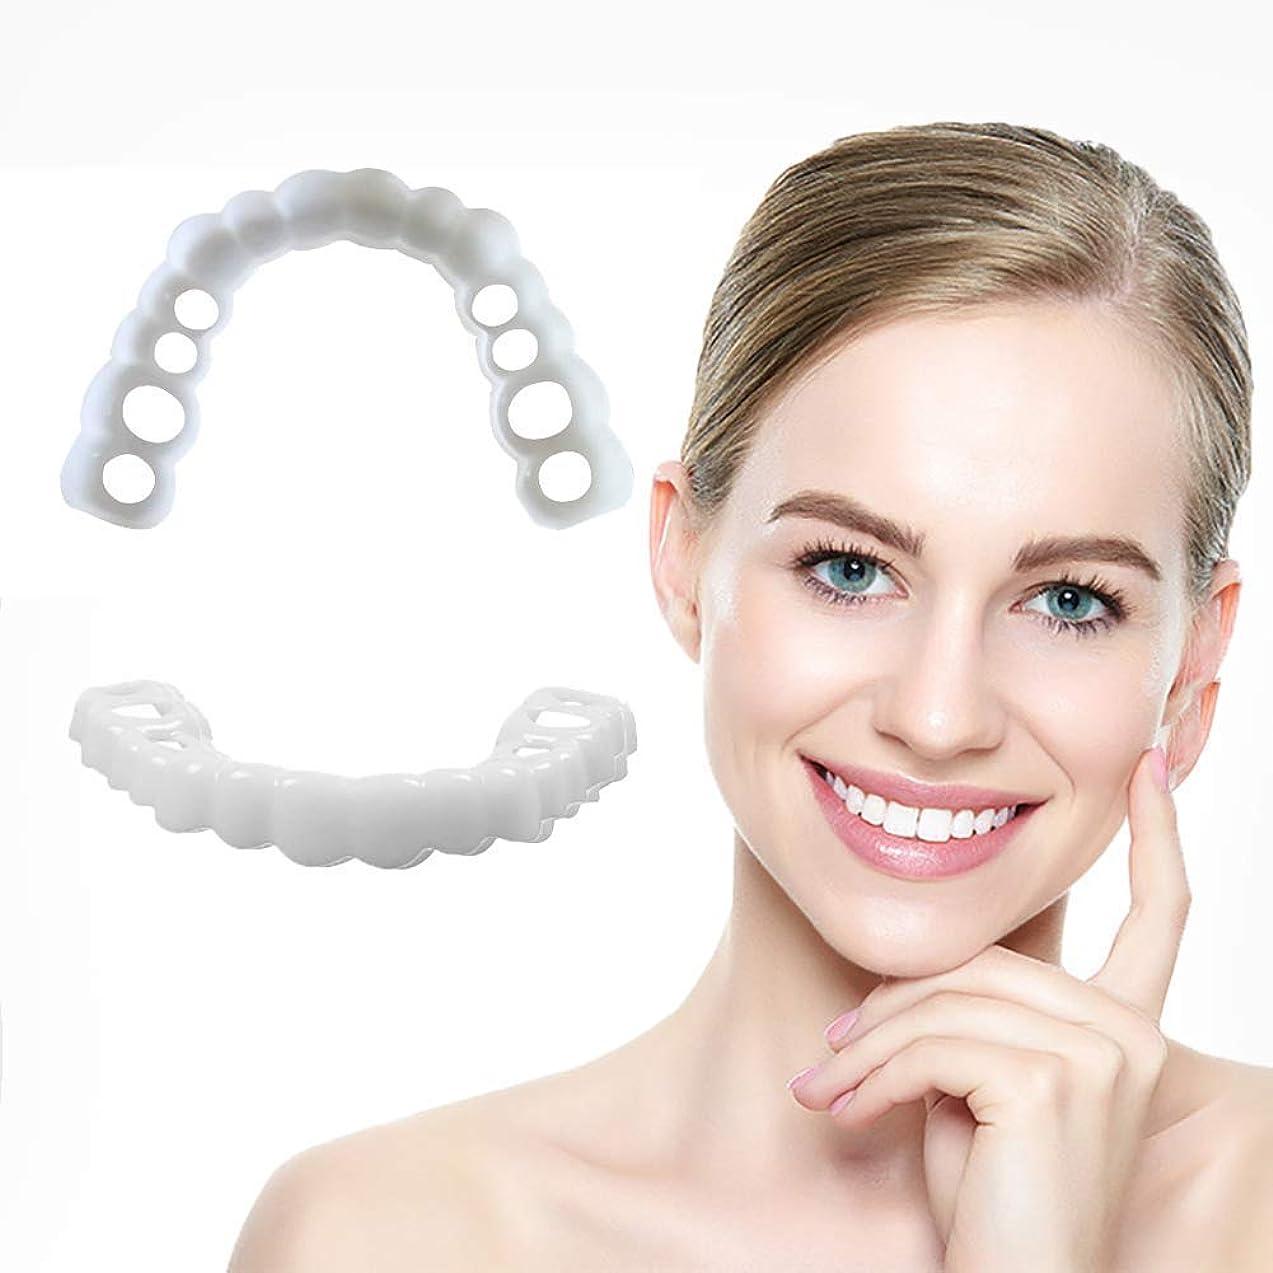 喜ぶ進行中大通り歯を白くすること快適なフィットフレックス歯のベニヤノベルティ歯列矯正歯完璧な義歯のソケット箱詰め上下の歯セット,8Set